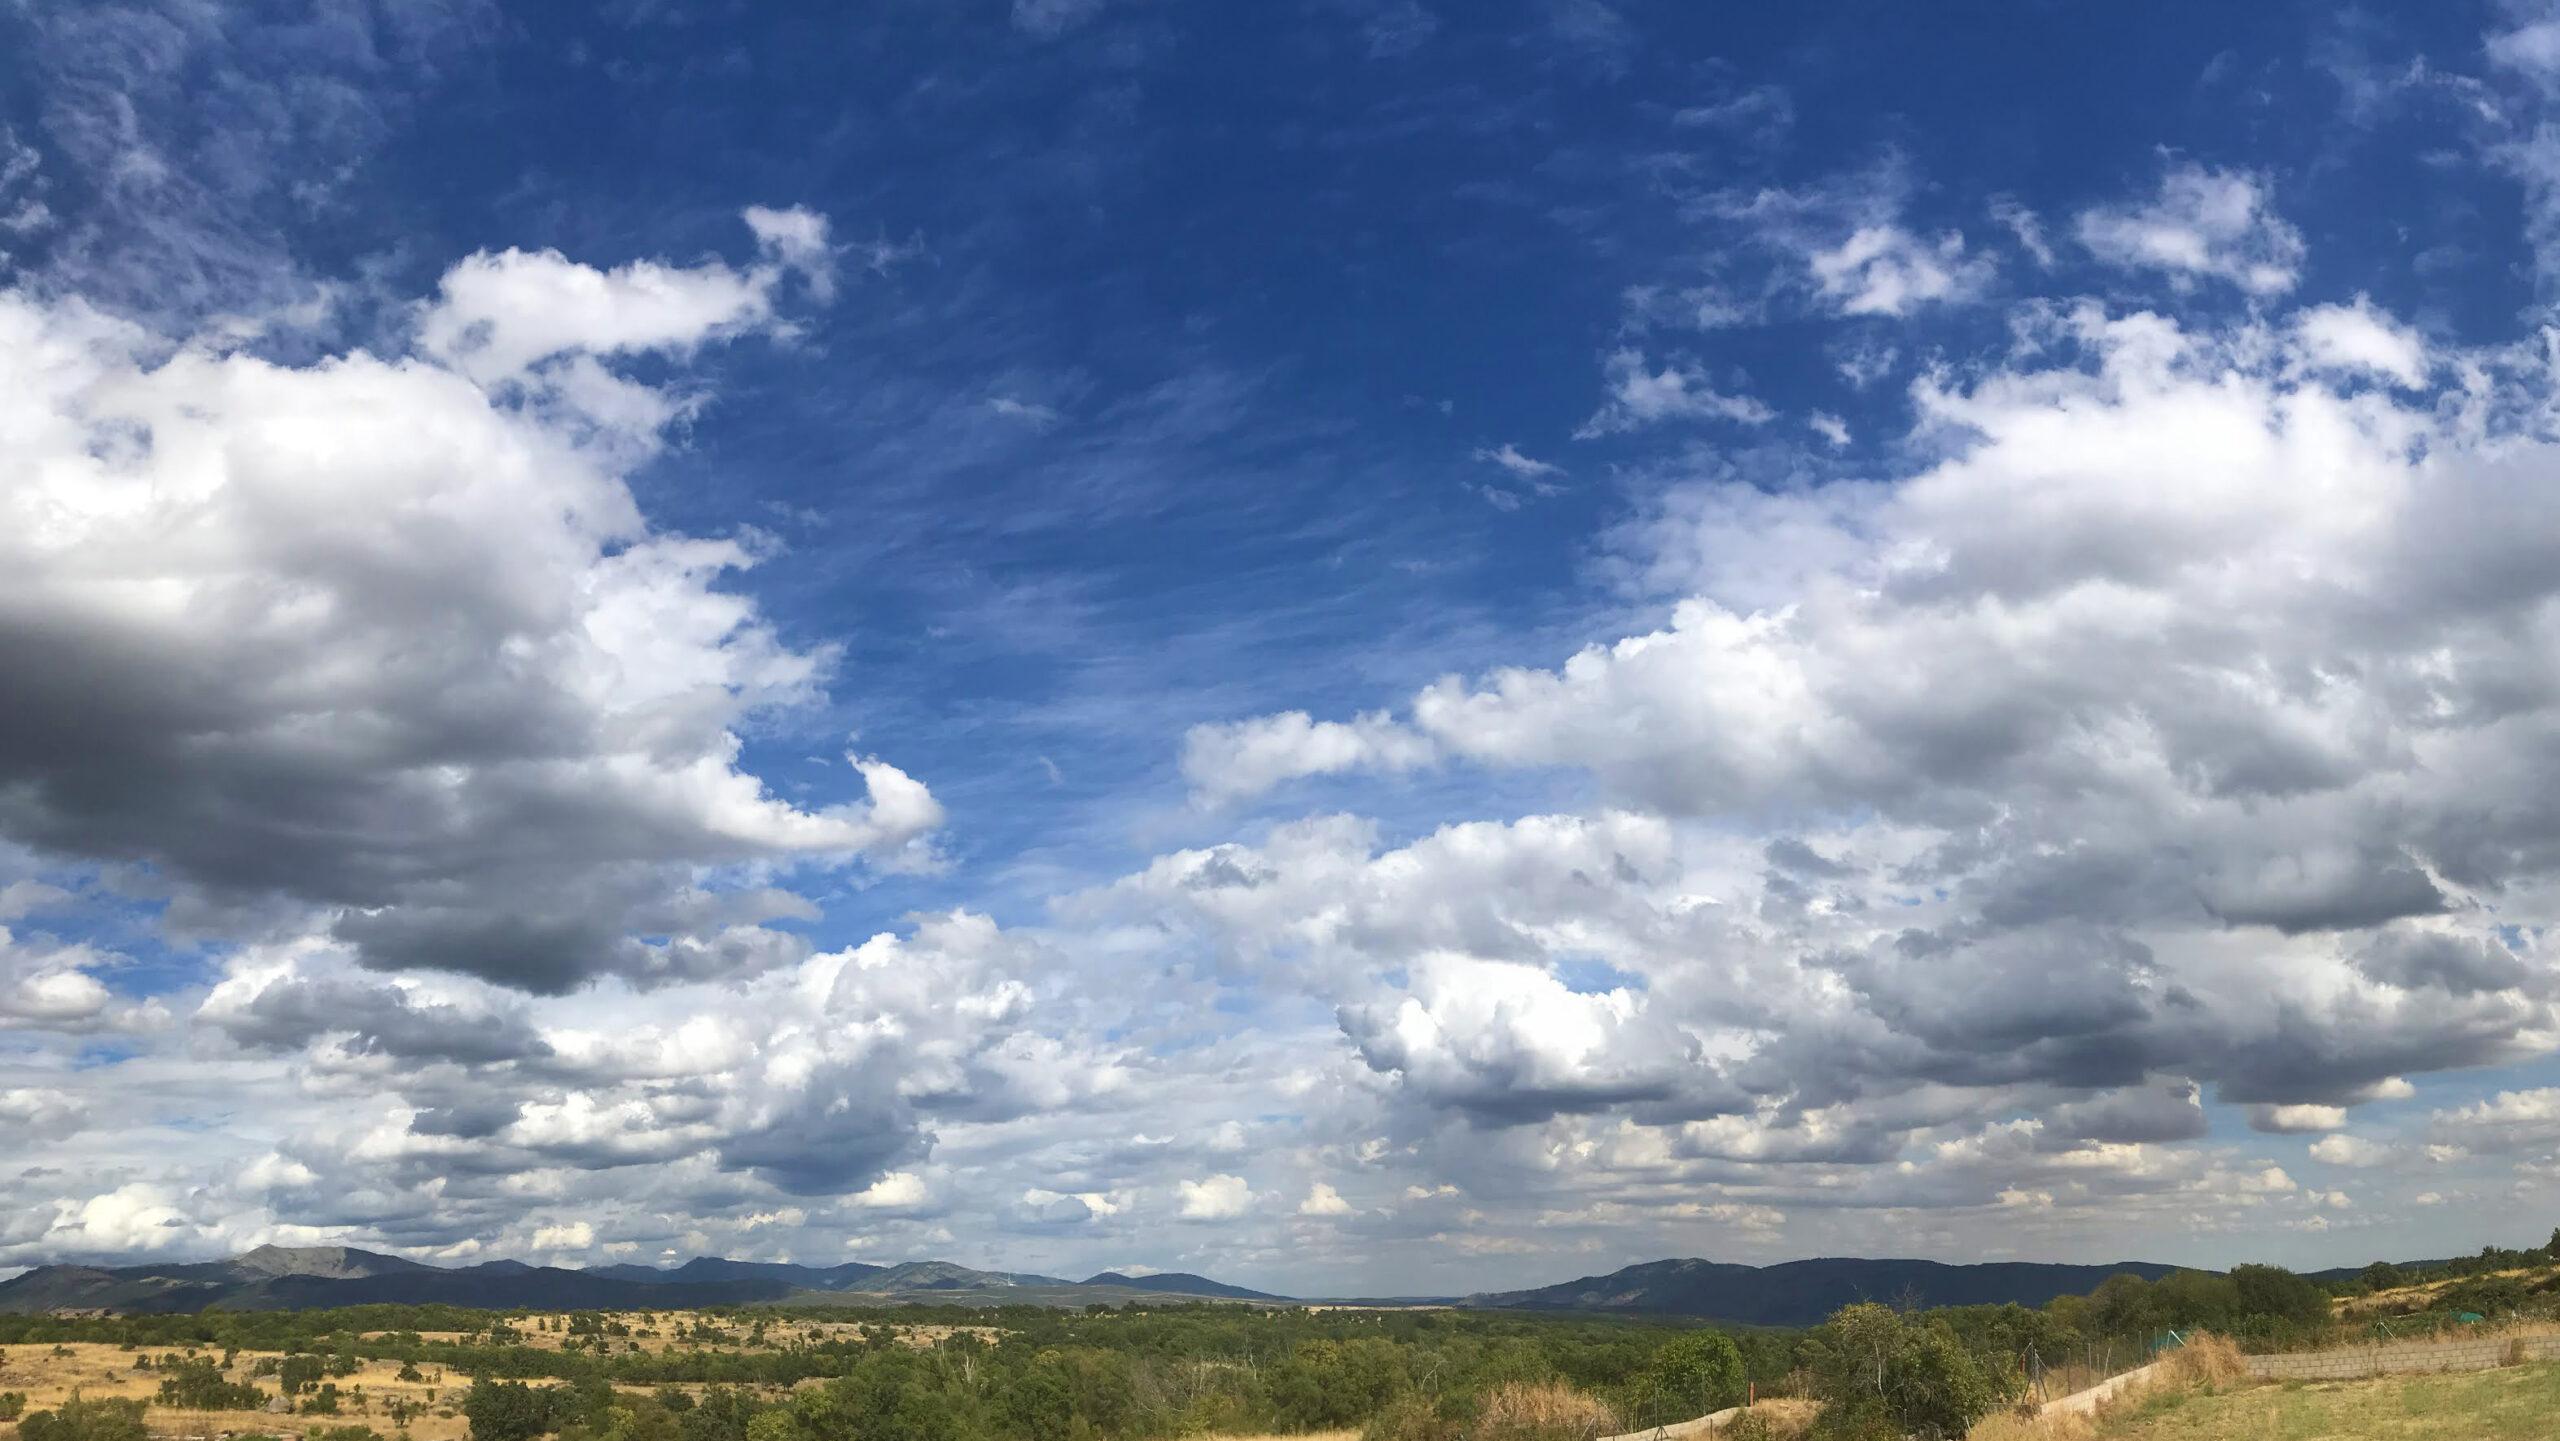 Vistas del valle del Jóbalo